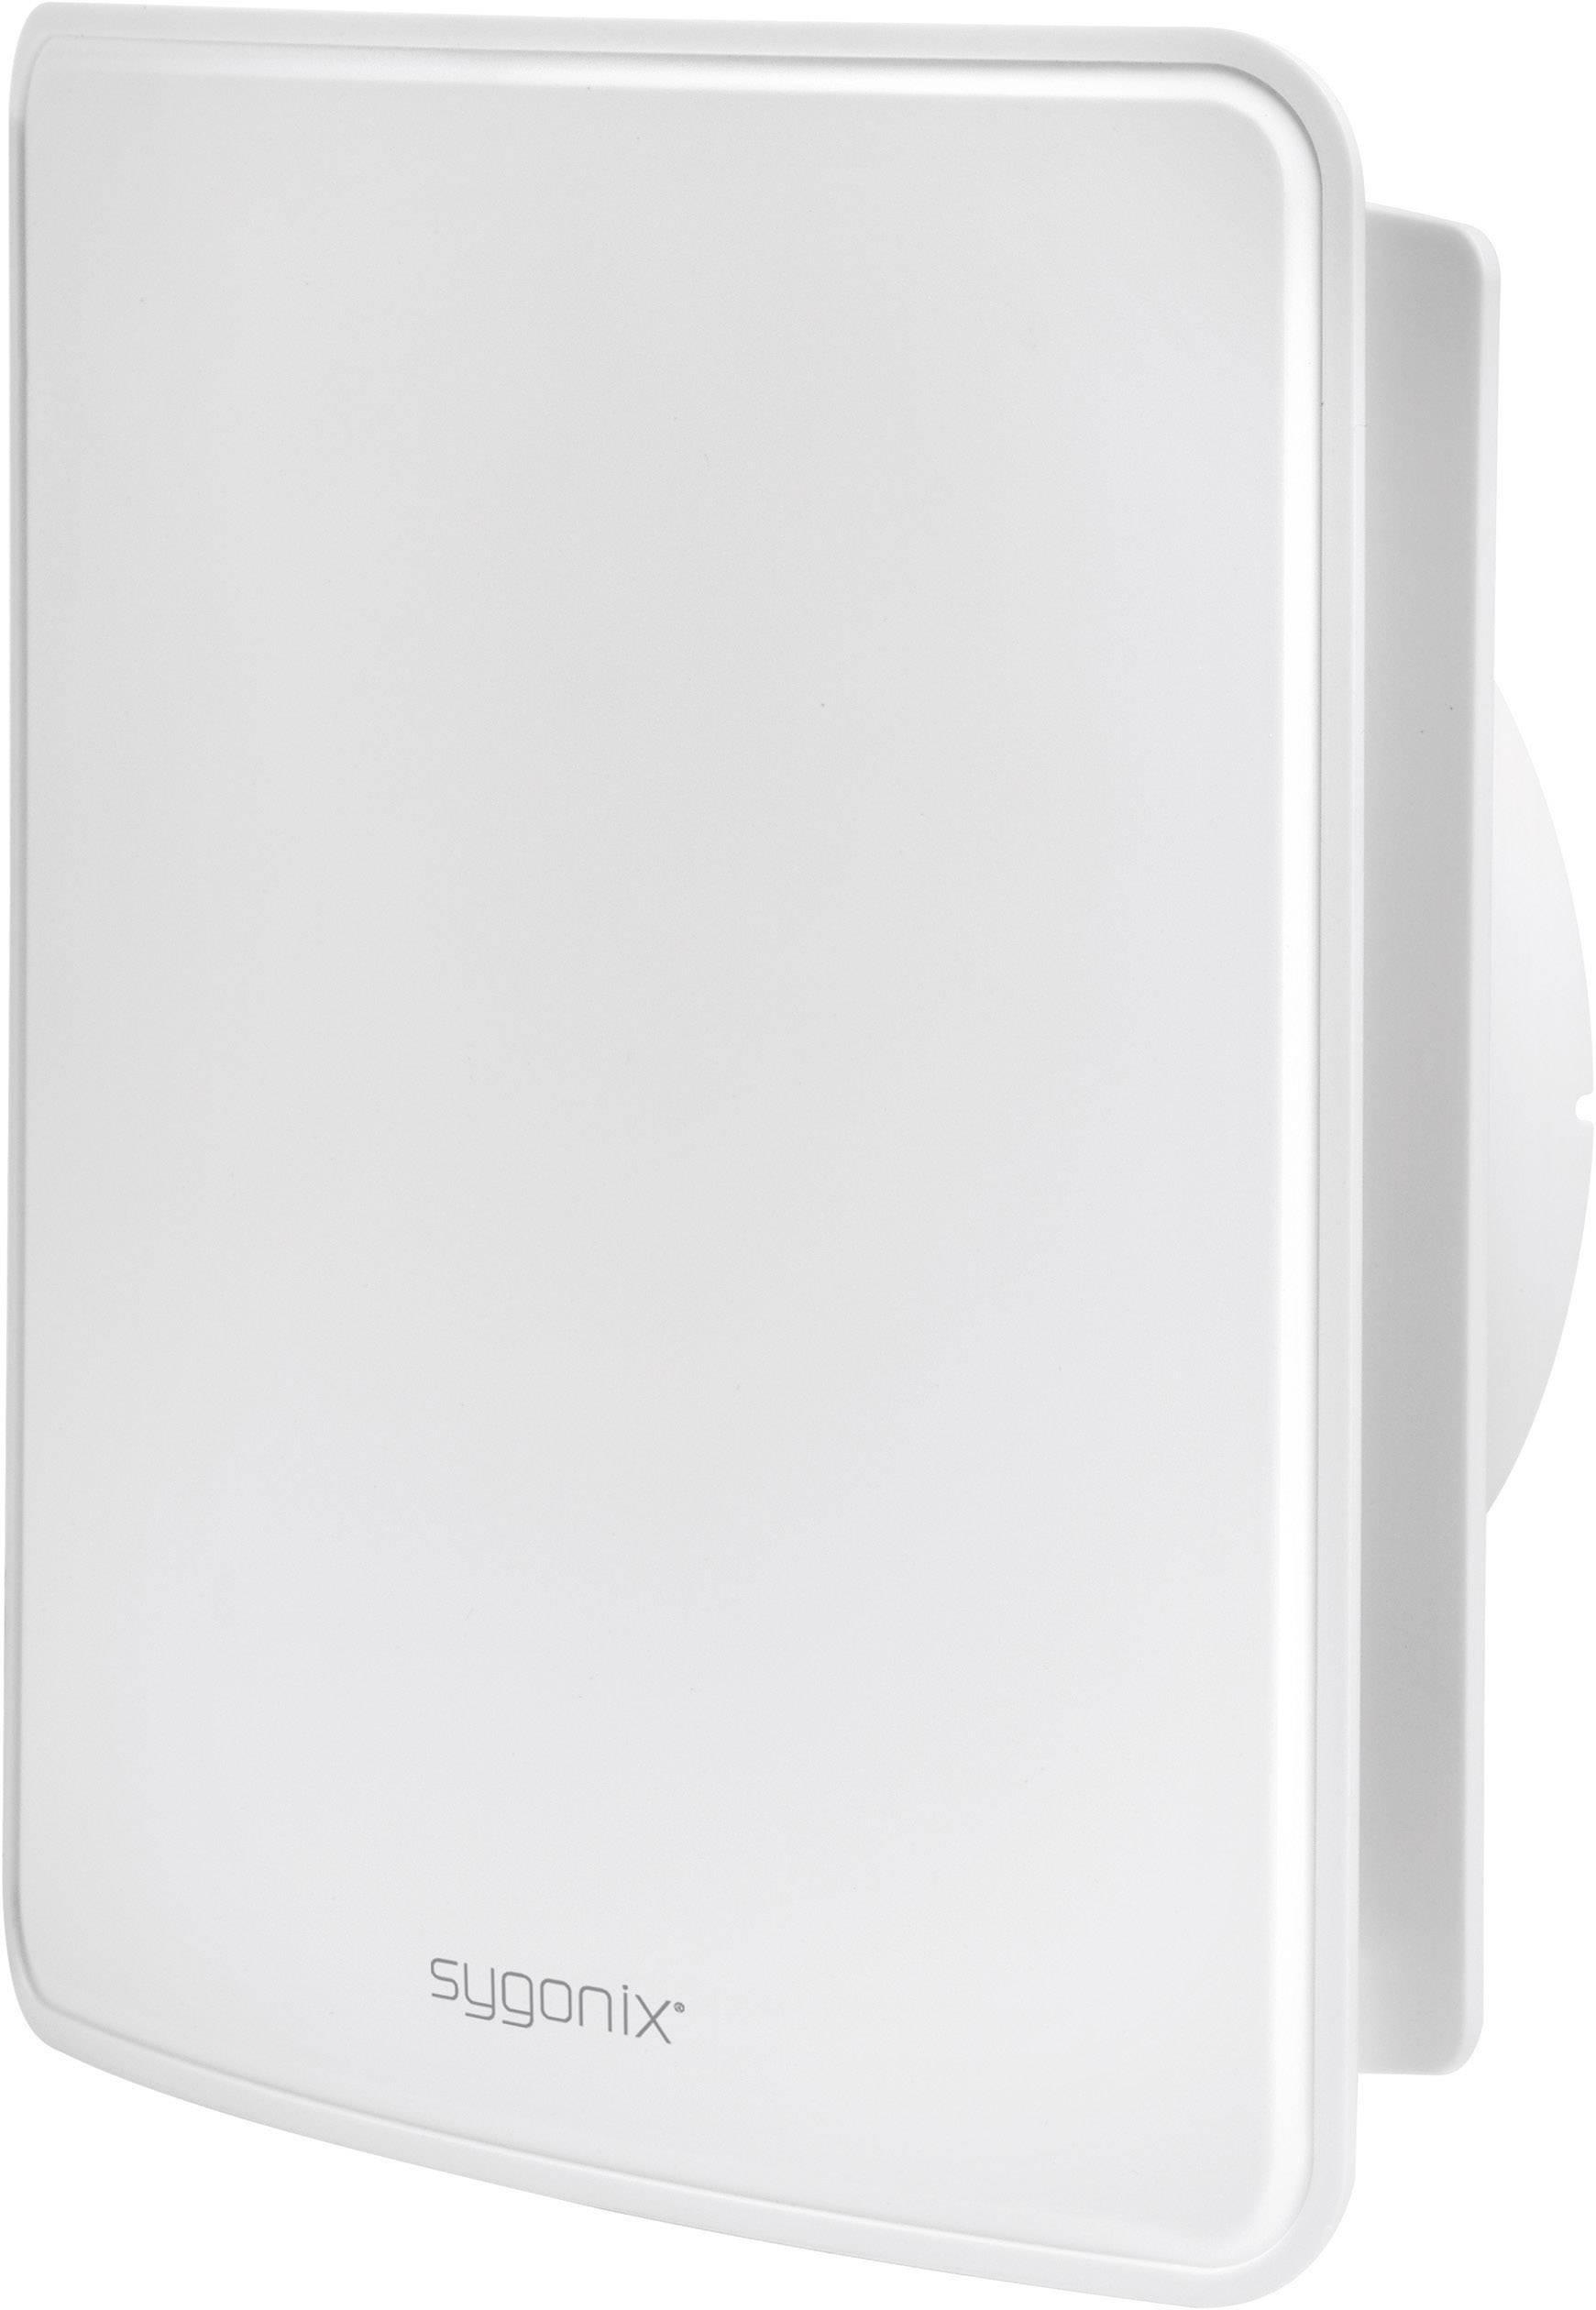 Kryt na trubkový ventilátor sygonix, bílá, 125 mm